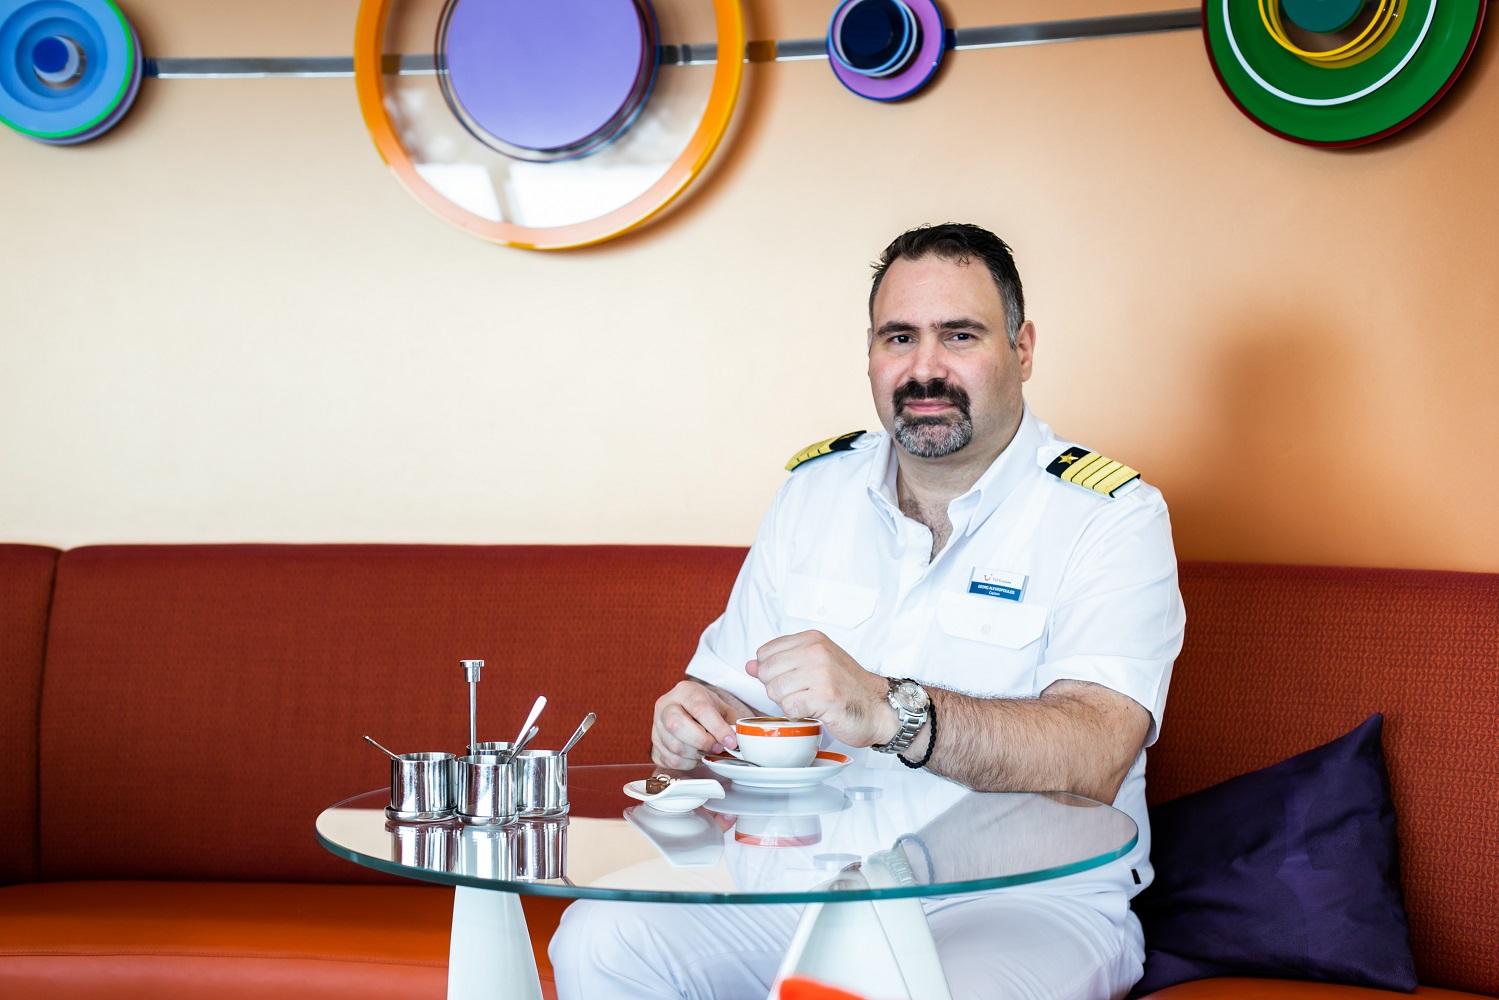 Hier ist Kapitän Alevropoulos besonders gern: Die Cafe Lounge auf der Mein Schiff 3